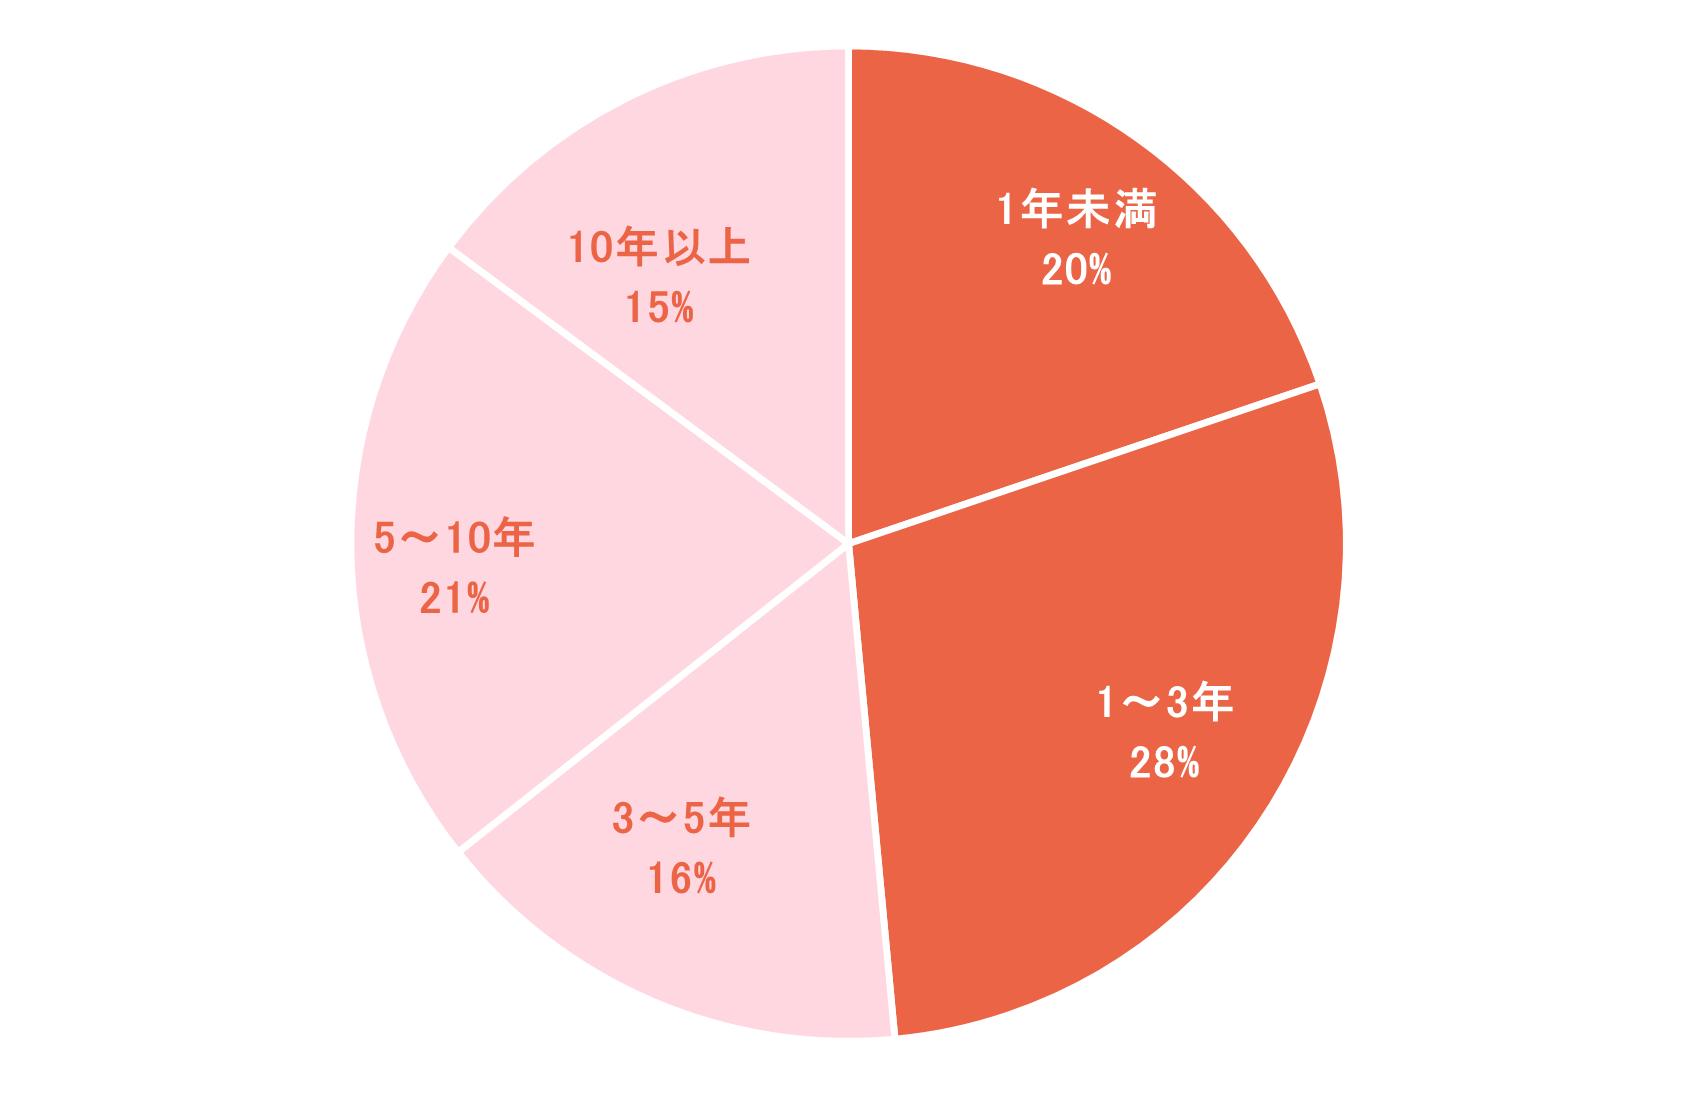 円グラフ「児童福祉司の勤続年数(2019年4月1日時点)」1年未満20%、1~3年28%、3~5年16%、5~10年21%、10年以上15%